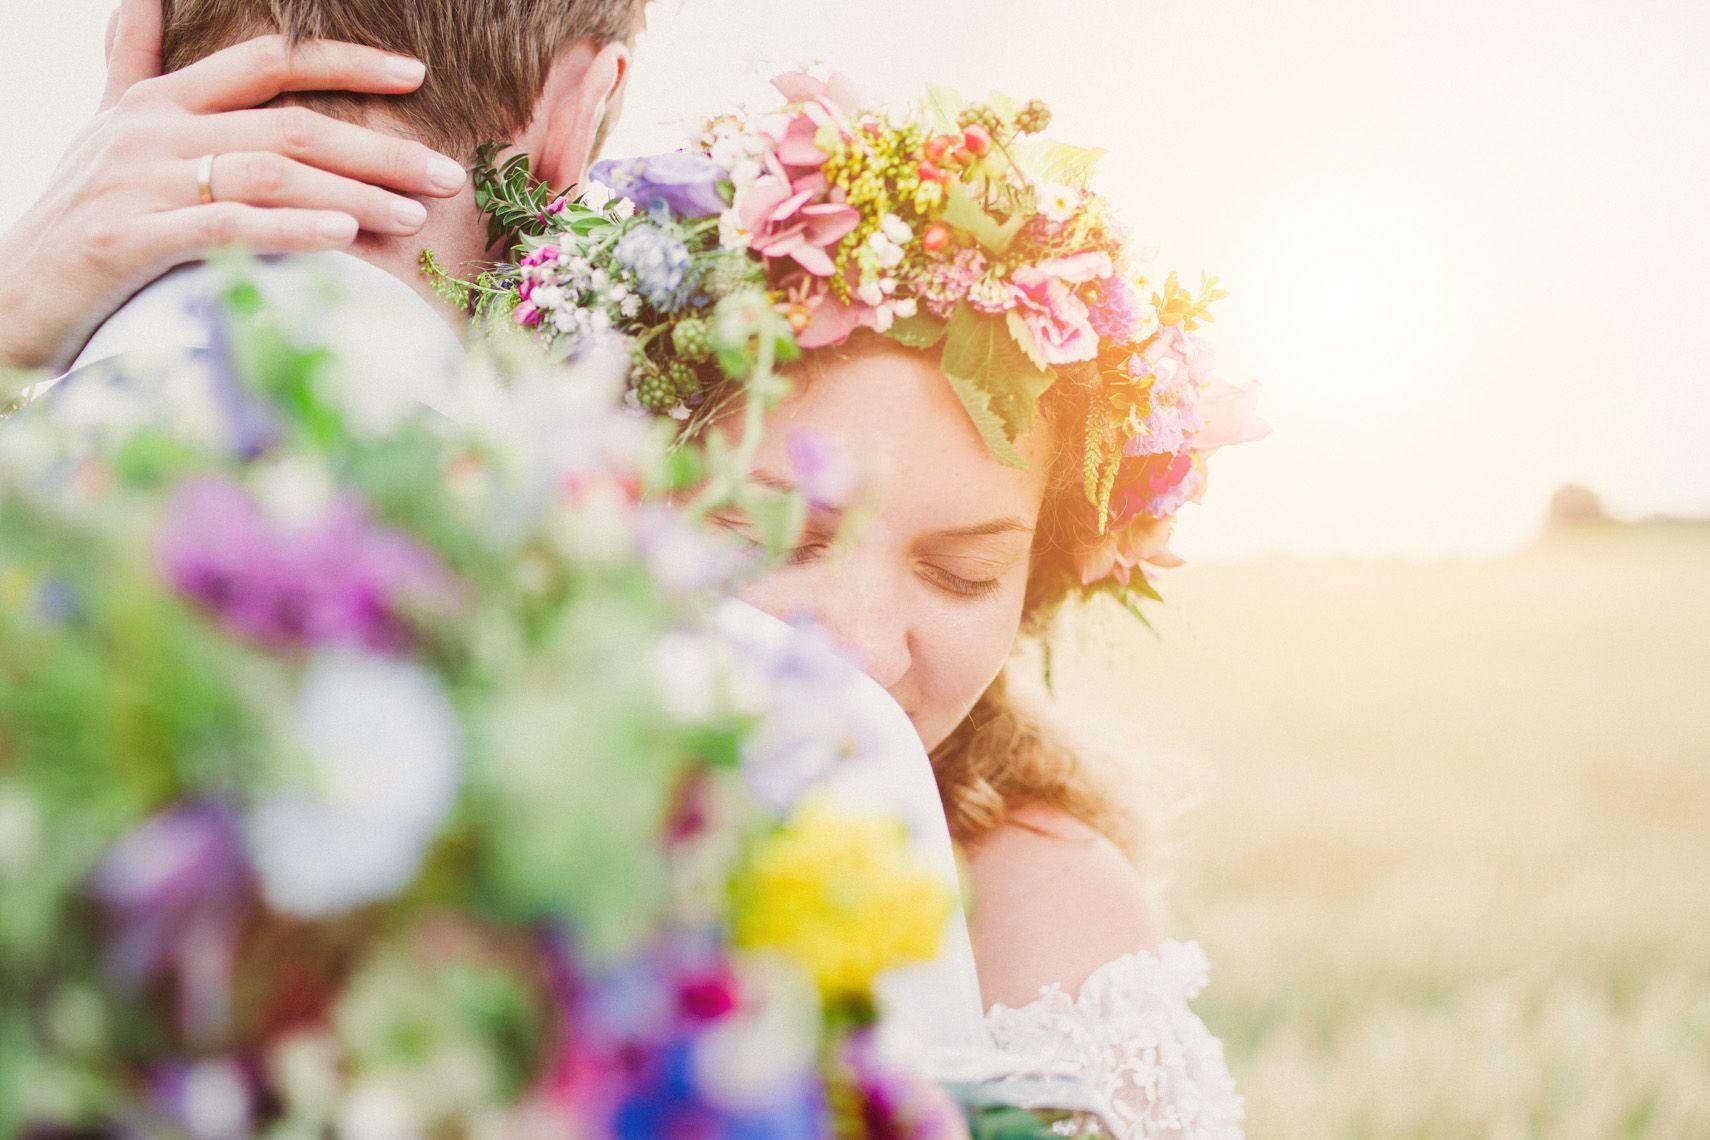 Elegant Barfu Hippie Hochzeit in der alten Scheune bei M nchen diybrautkleid handgemacht handmade